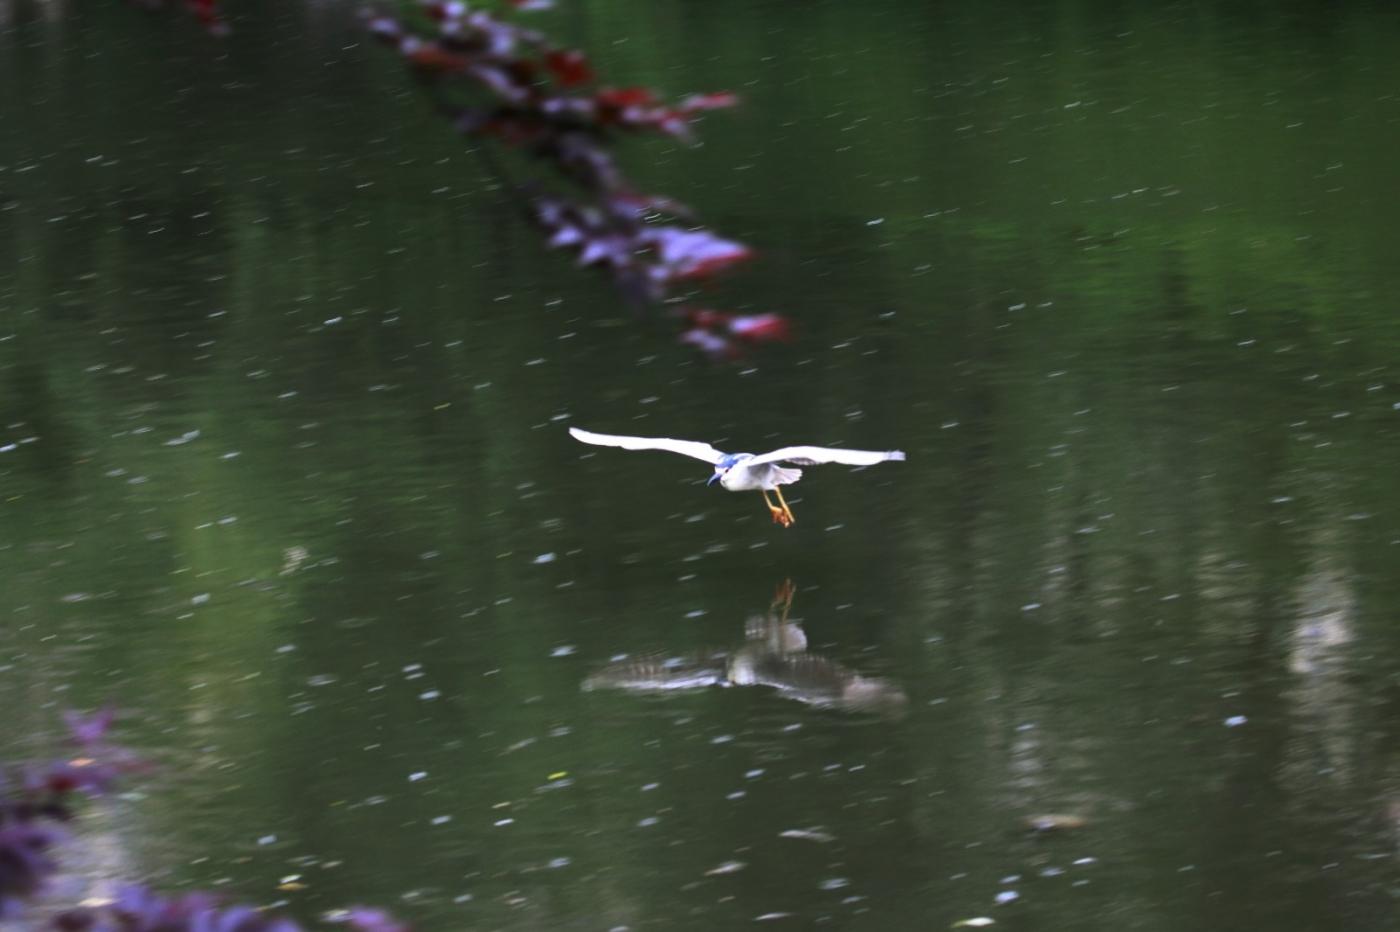 中央公园的白鹭,姿态优美,游客喜爱_图1-11